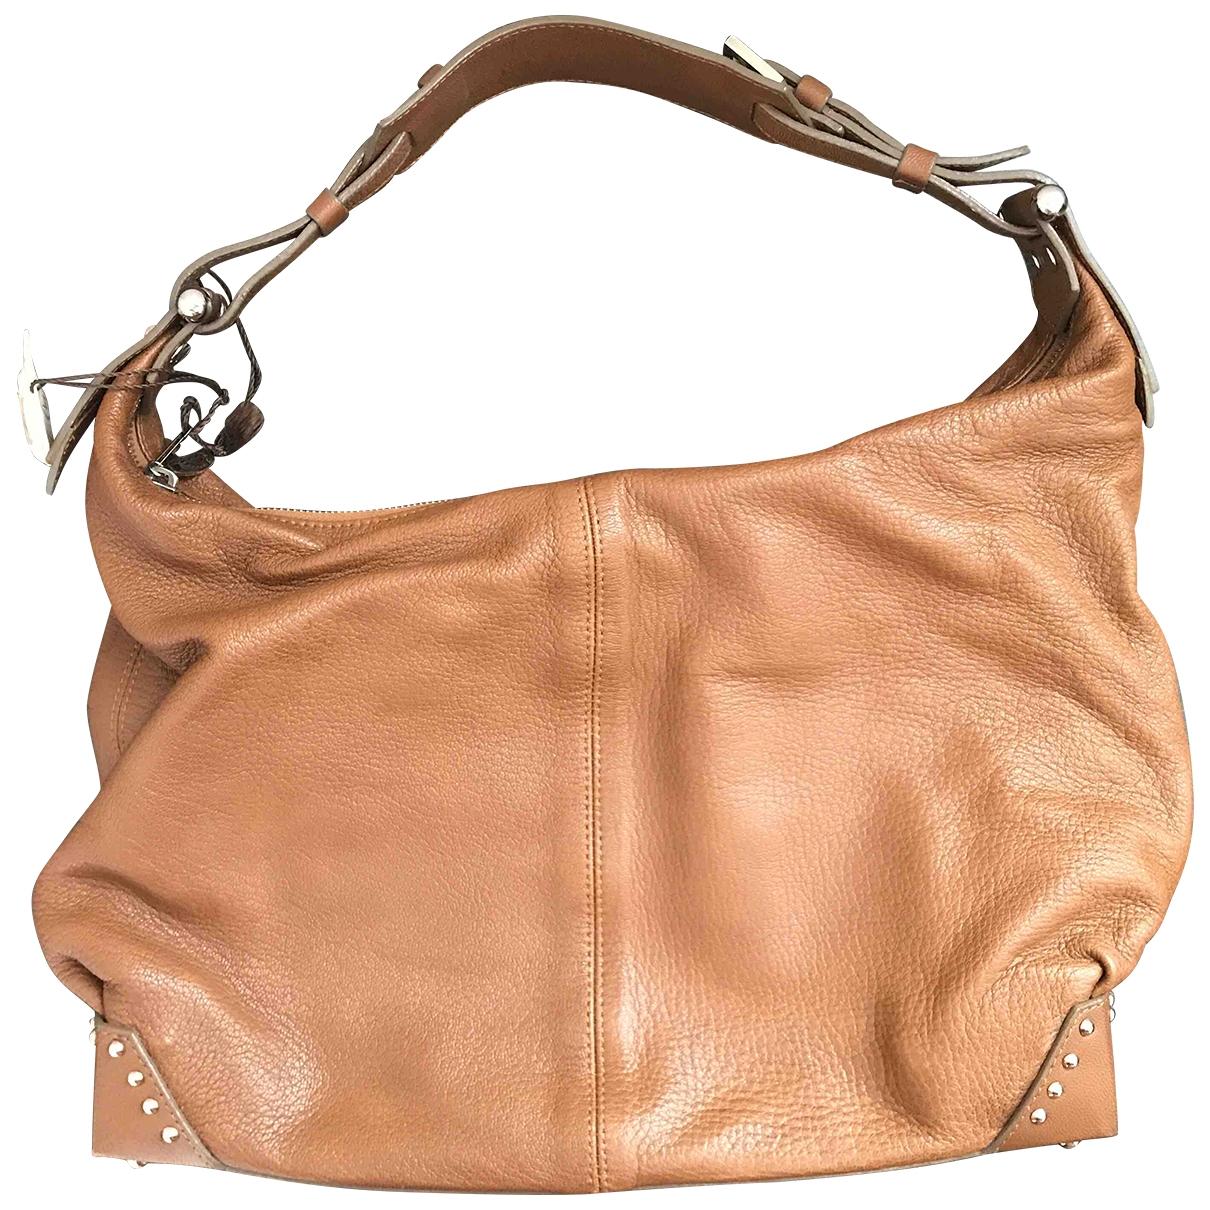 Karl Lagerfeld \N Brown Leather handbag for Women \N